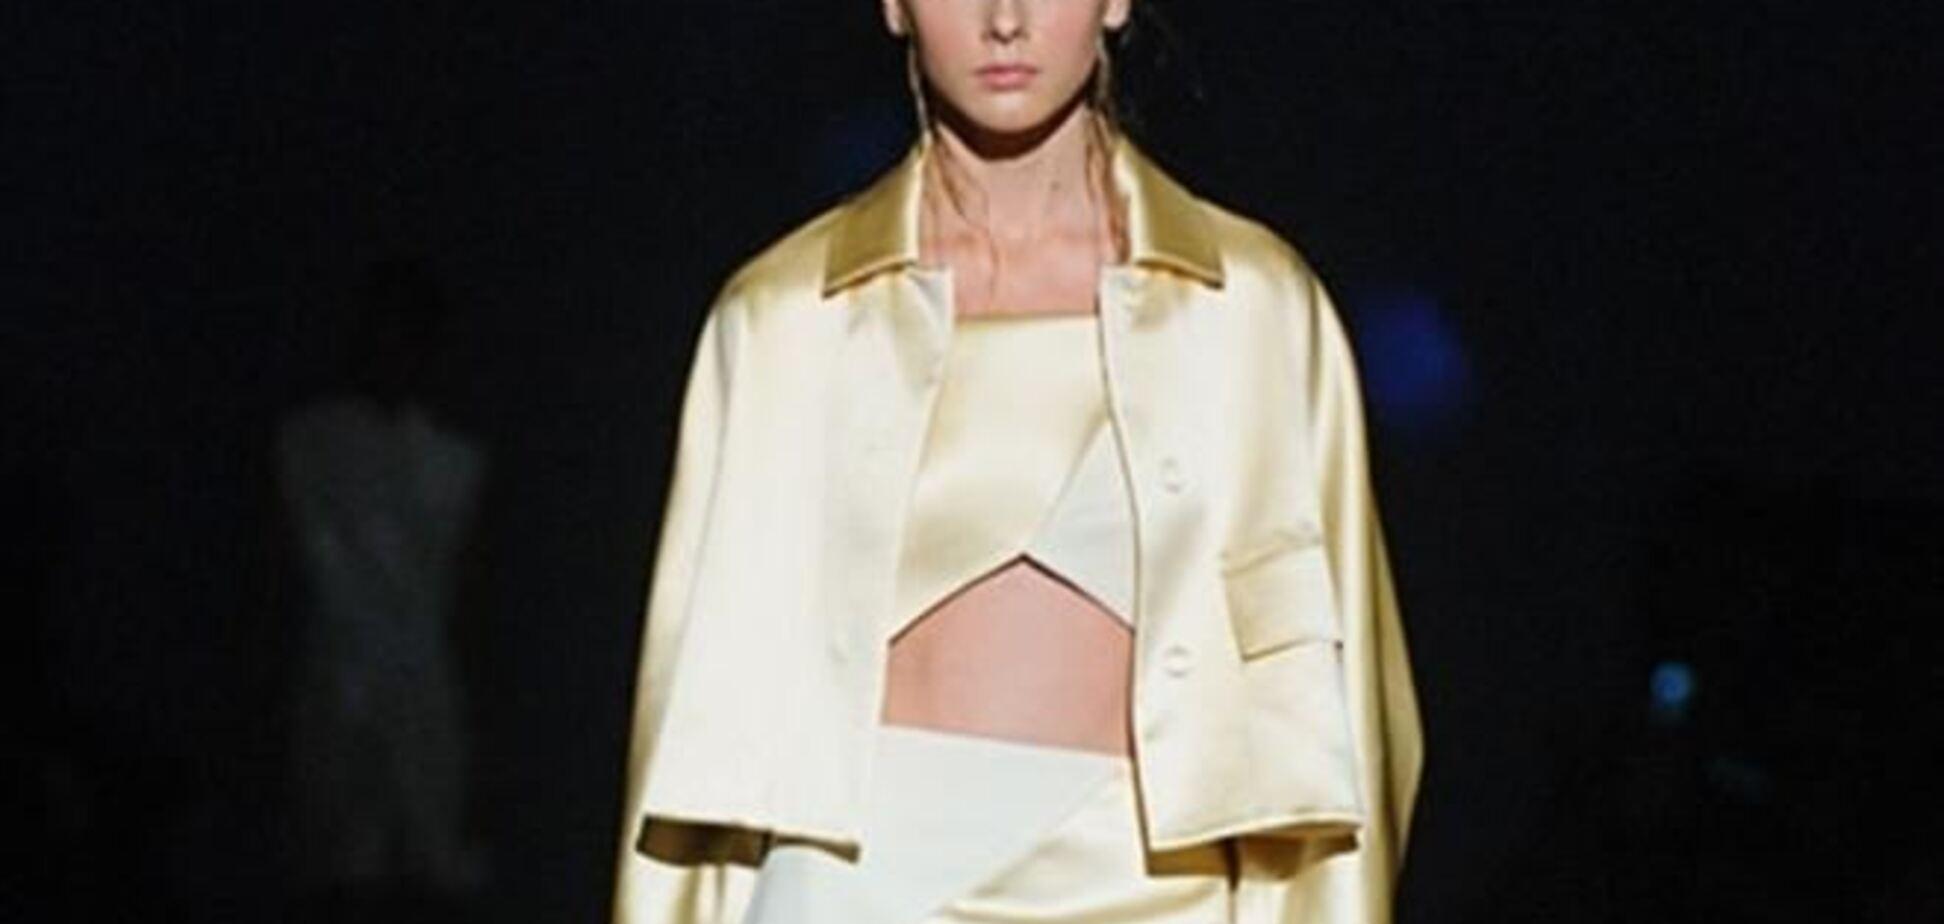 33-й Ukrainian Fashion Week: строгость и лаконичность